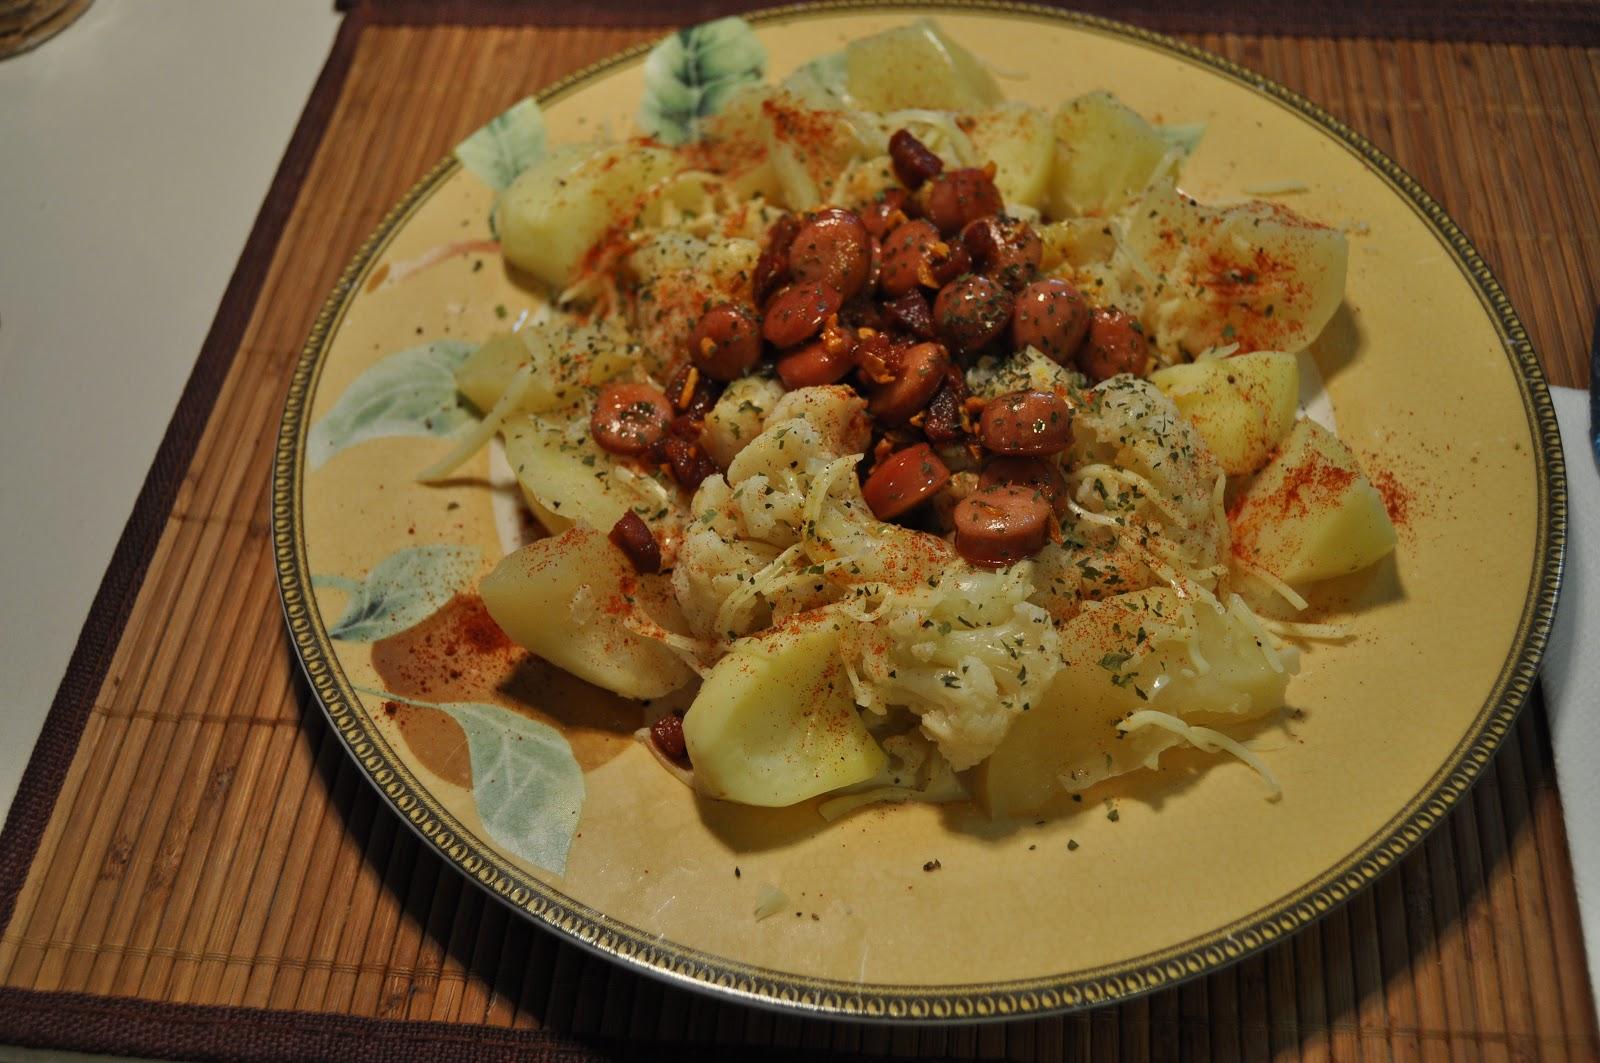 Pepillococinillas coliflor con patatas en olla r pida - Patatas en olla rapida ...